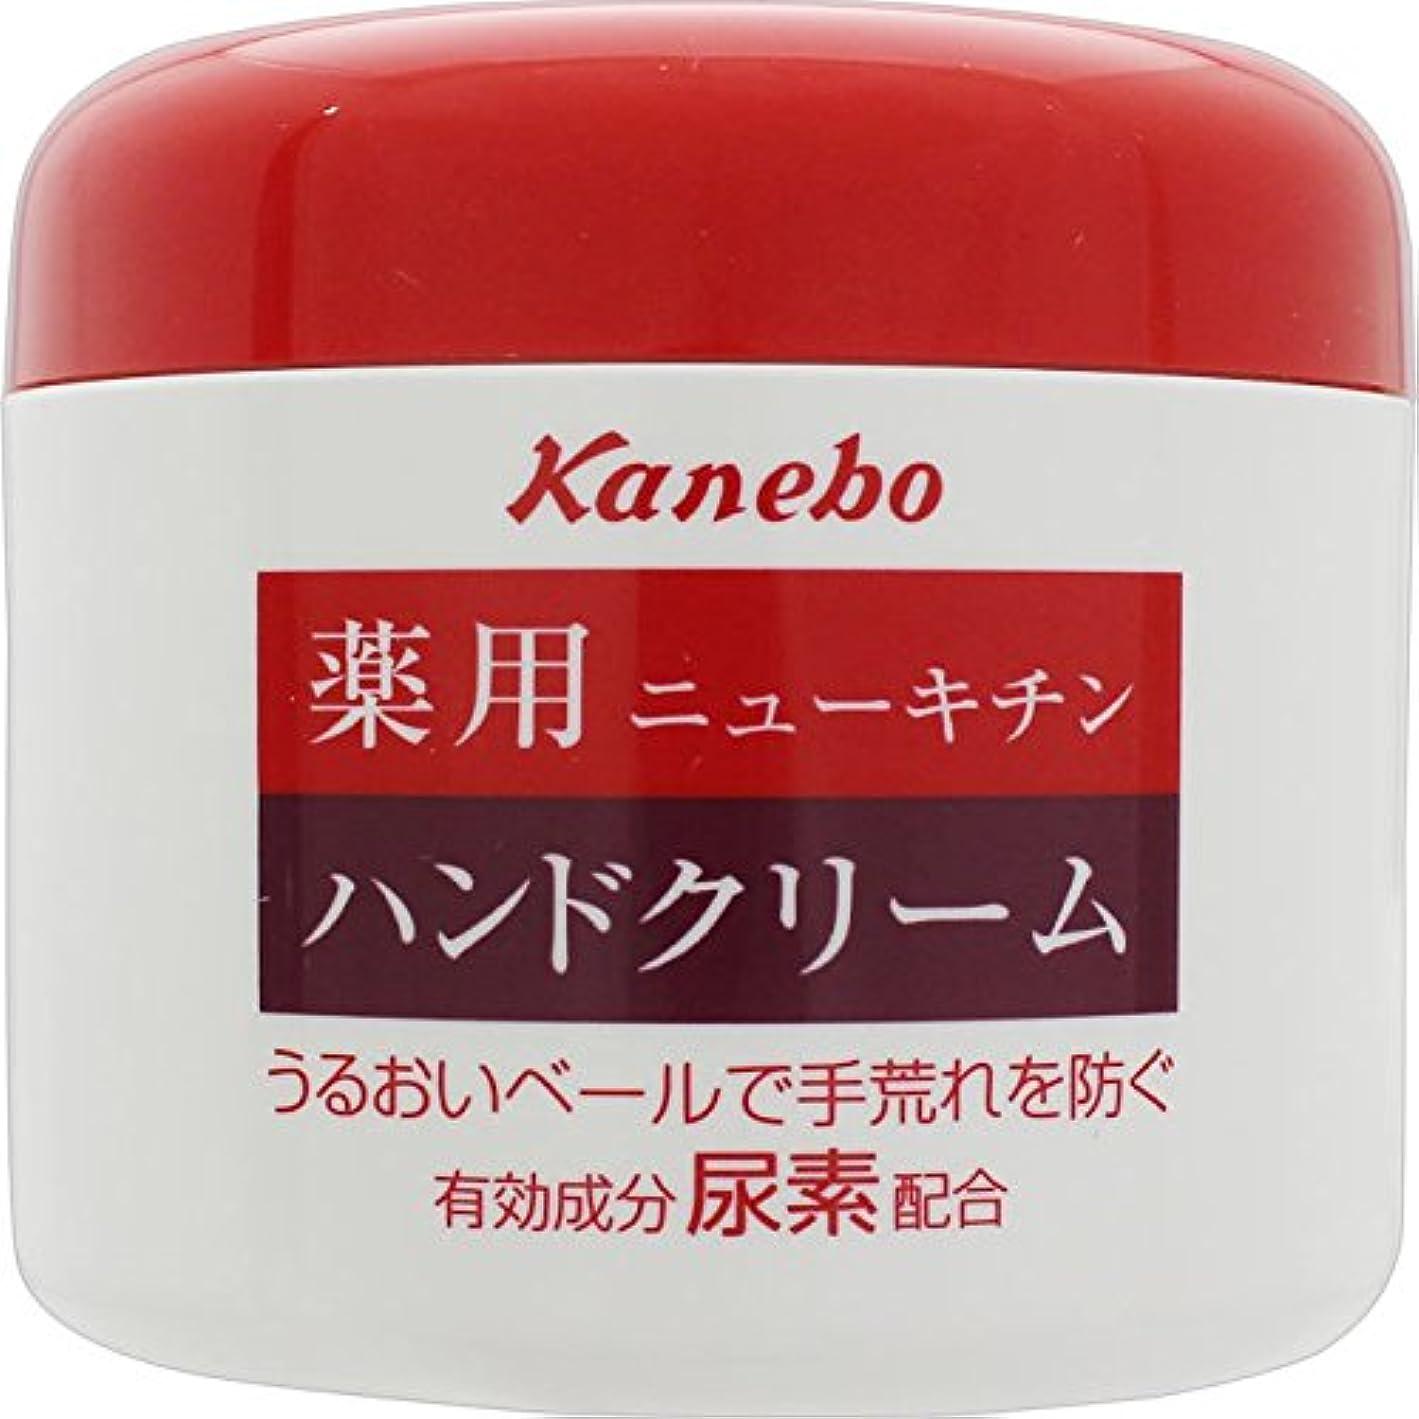 豆腐盆乳剤カネボウ 薬用ニューキチンハンドクリーム 100g